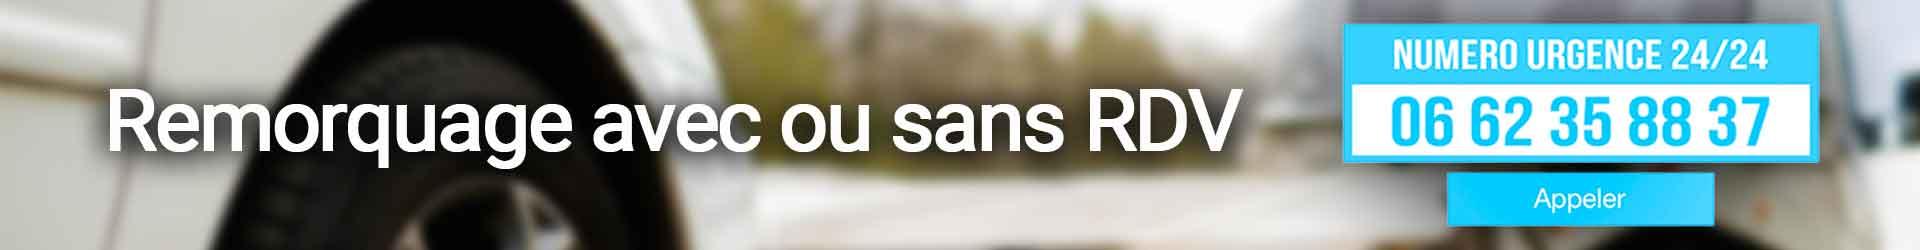 numéro d'urgence remorquage à Paris et Ile de france